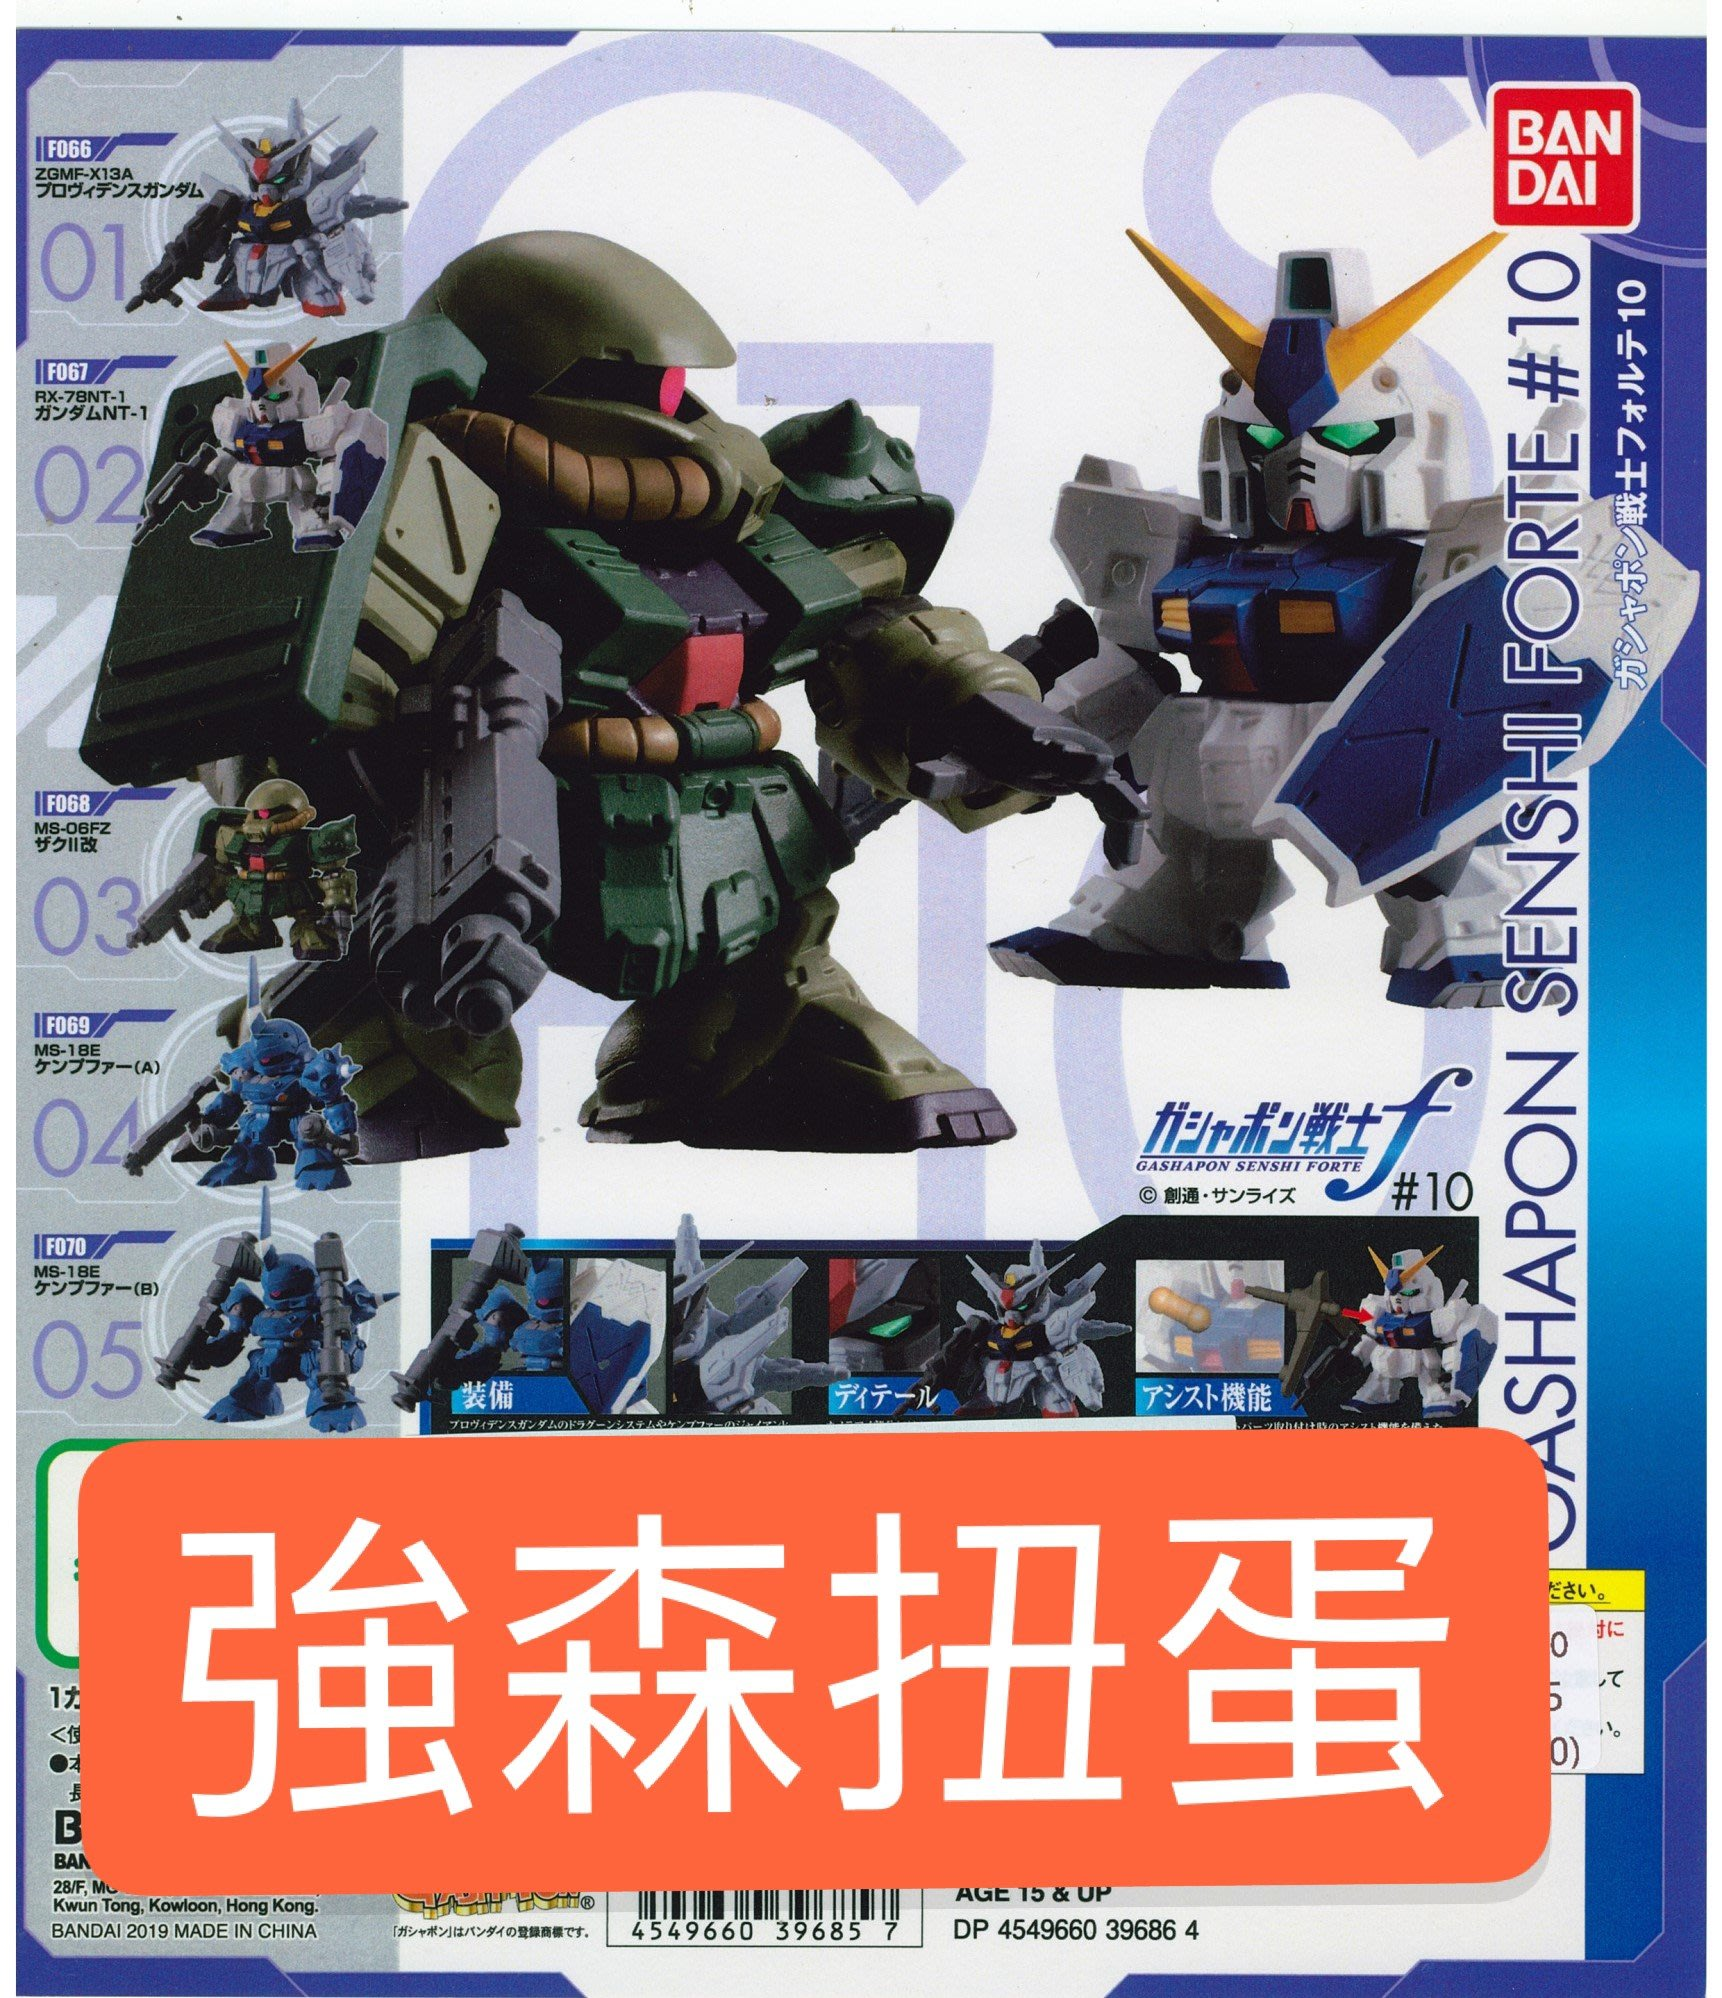 強森扭蛋 轉蛋 萬代 BANDAI 扭蛋戰士 FORTE 10 機動戰士 鋼彈 全五種 扭蛋 整套販售